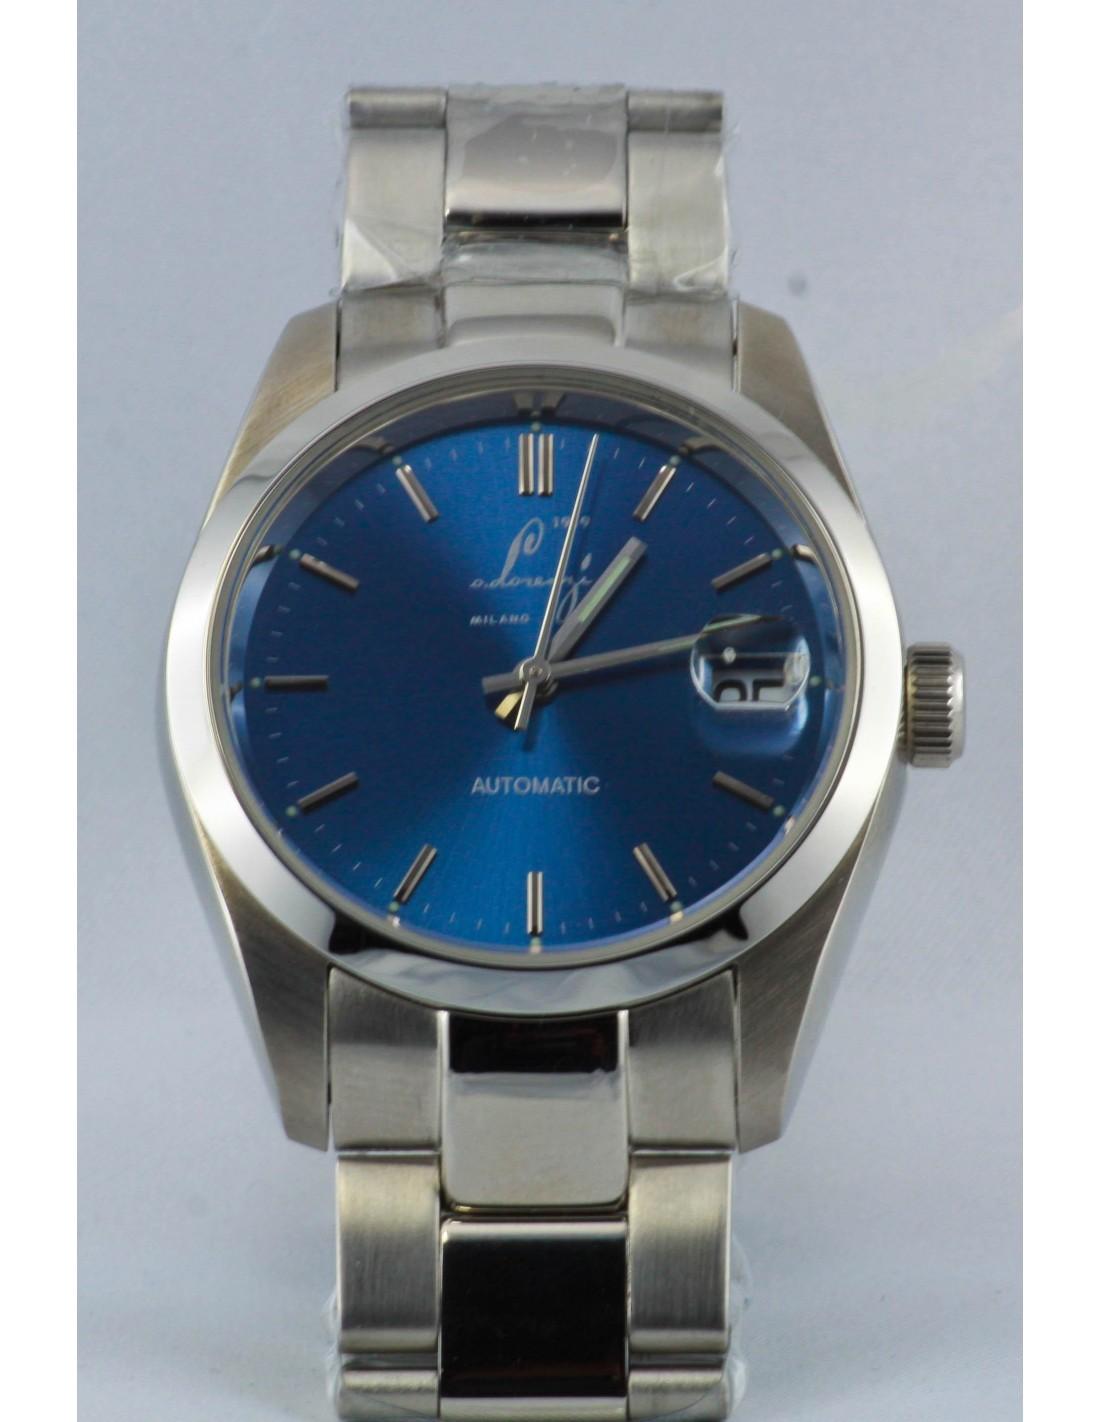 Lorenzi orologio da polso automatico at1028 for Immagini orologi da polso